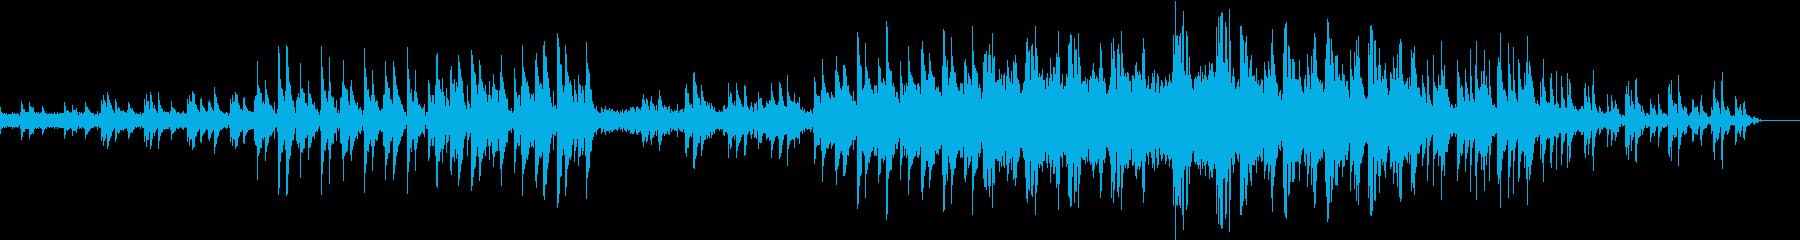 爽やで切ないピアノ旋律のヒーリング音楽の再生済みの波形